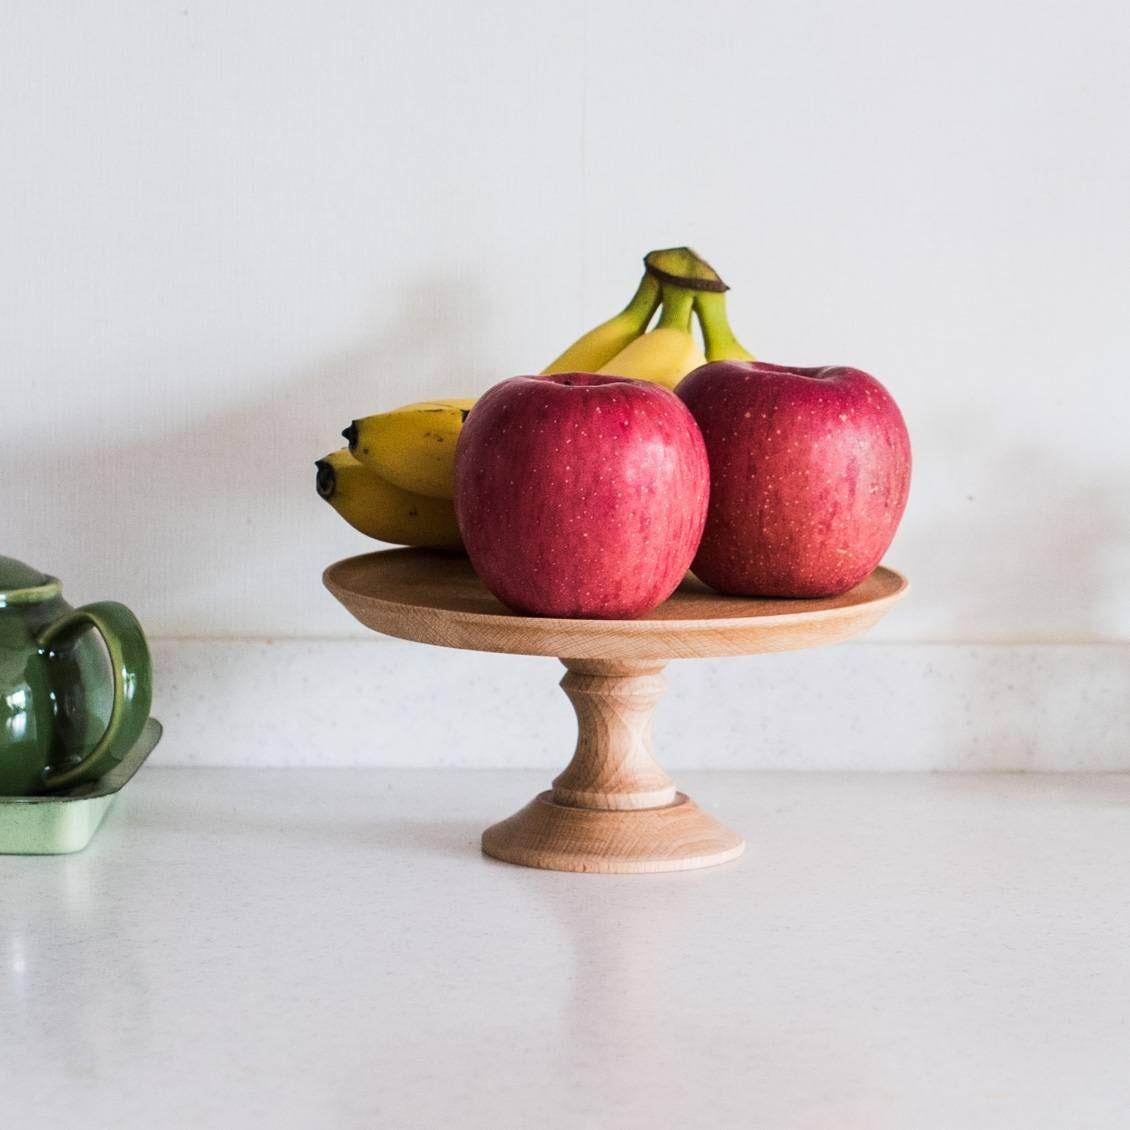 【新商品】いつもの風景が見違える!木のあたたかみを活かしたコンポート皿をつくりました。